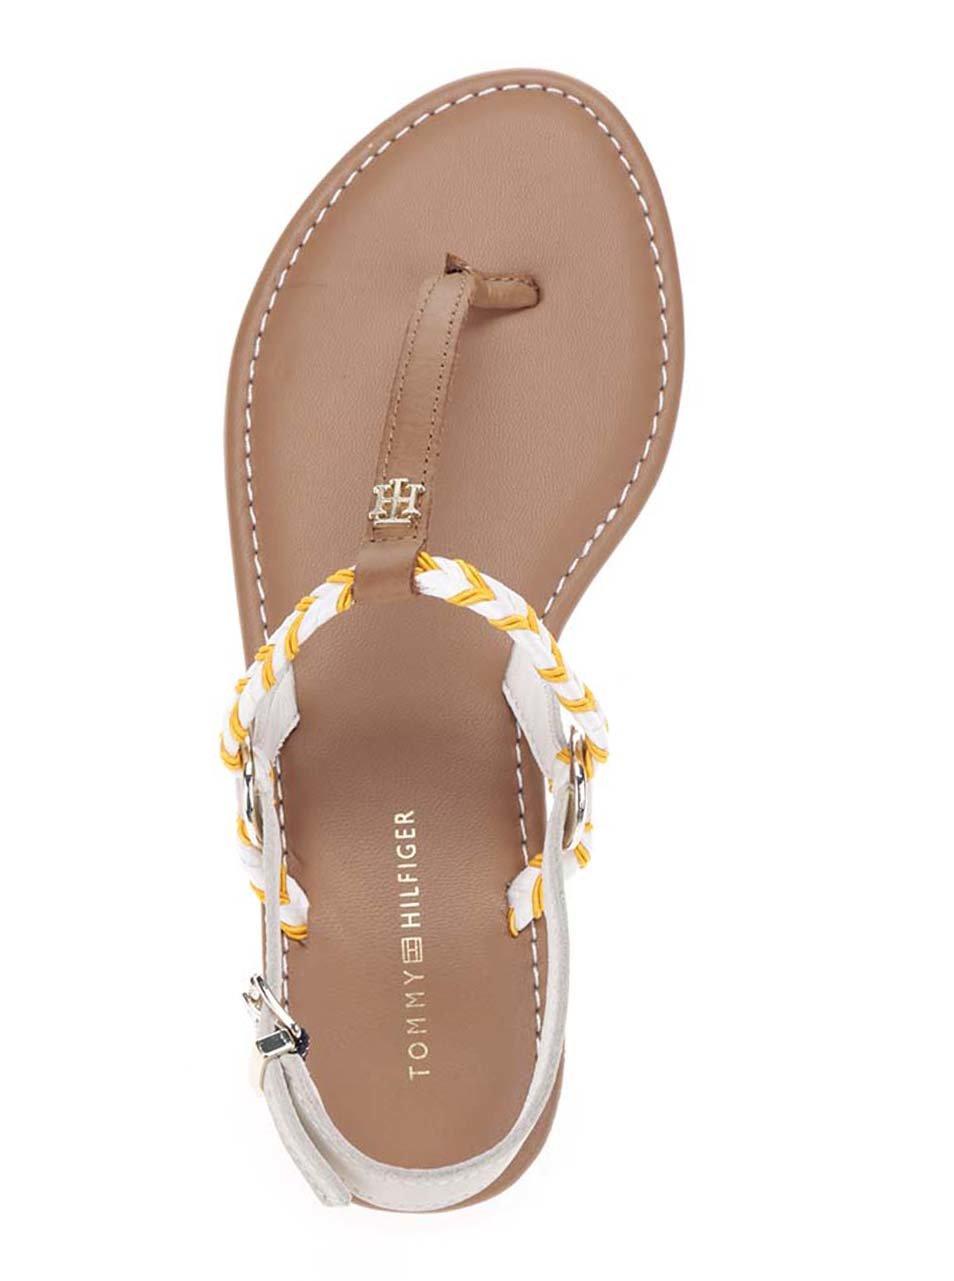 Oranžovo-krémové dámské sandály Tommy Hilfiger ... 7d8ddfbfa34